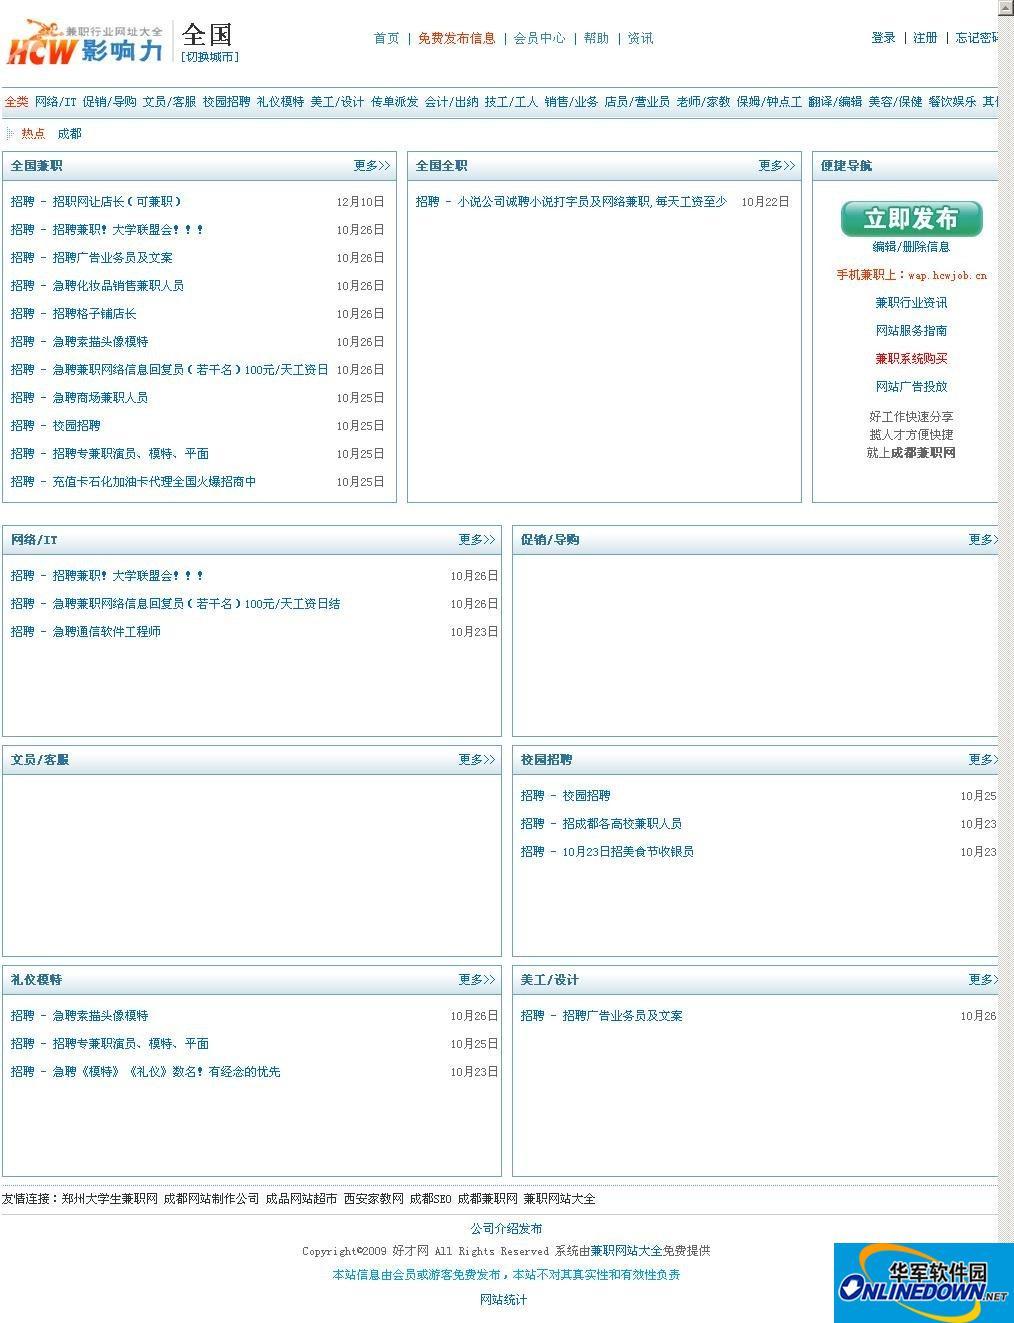 兼职分类系统源码(类似1010兼职)  V1.0